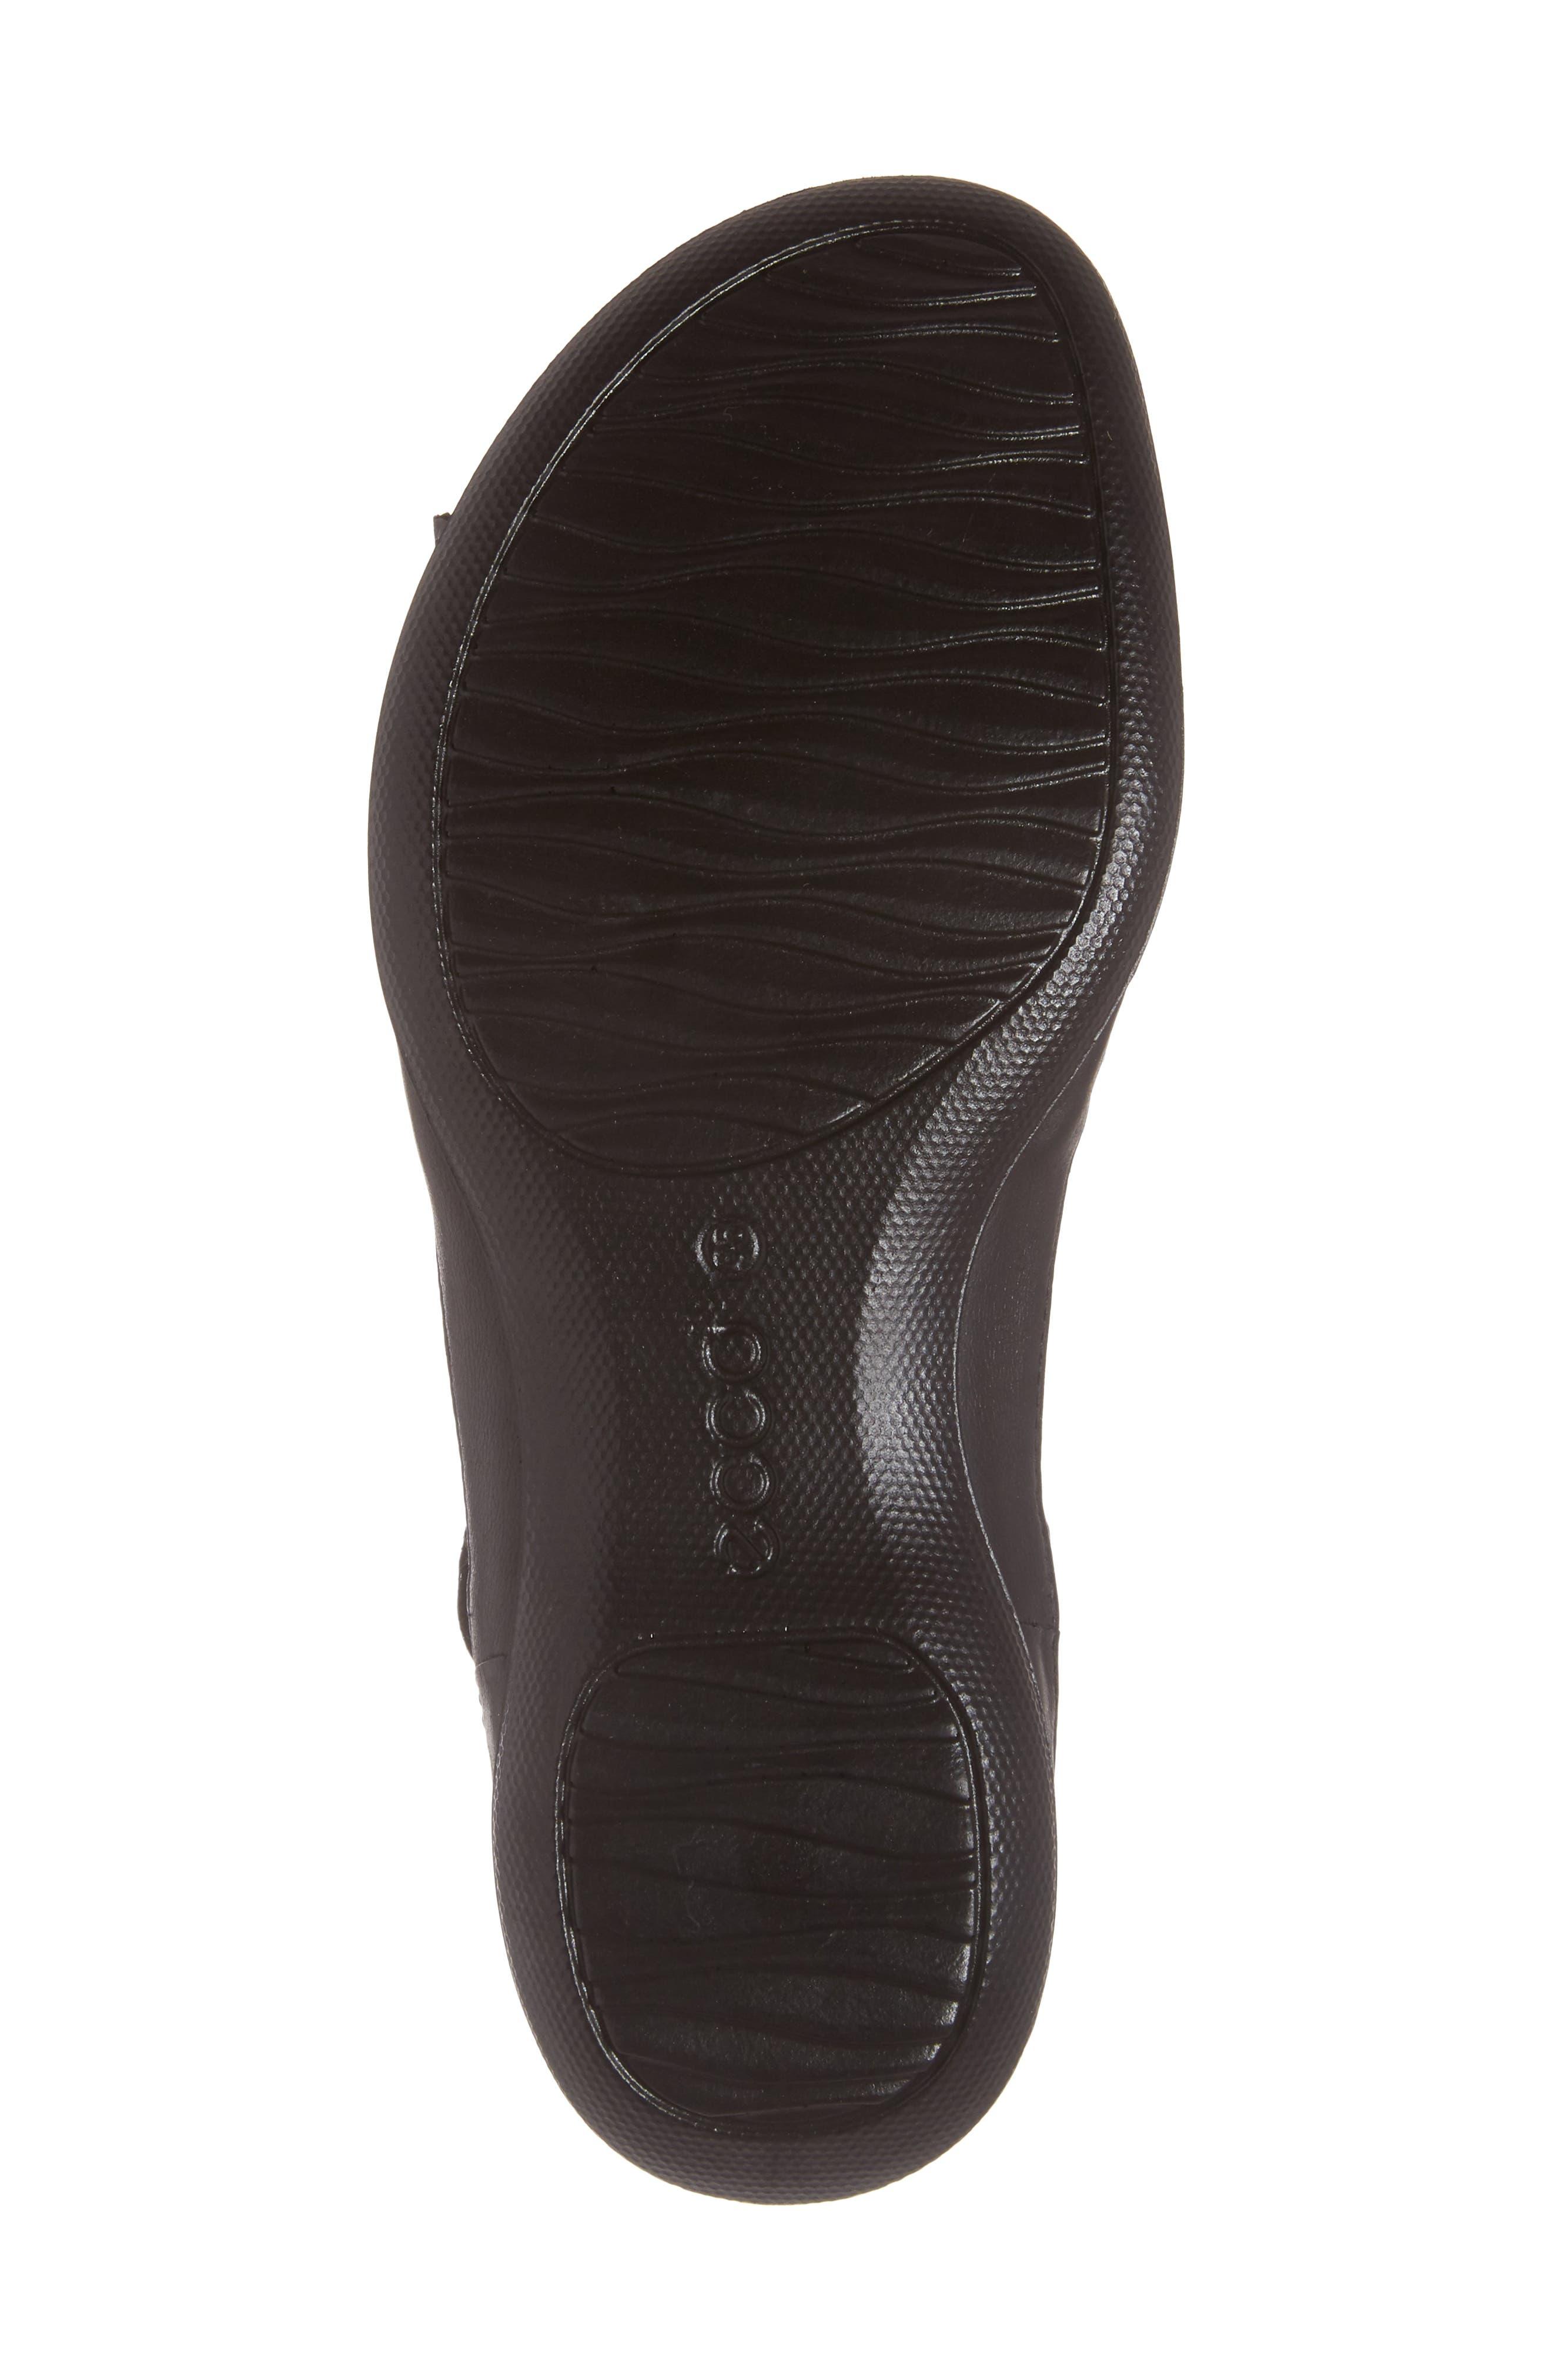 Flash Sandal,                             Alternate thumbnail 6, color,                             Black Leather